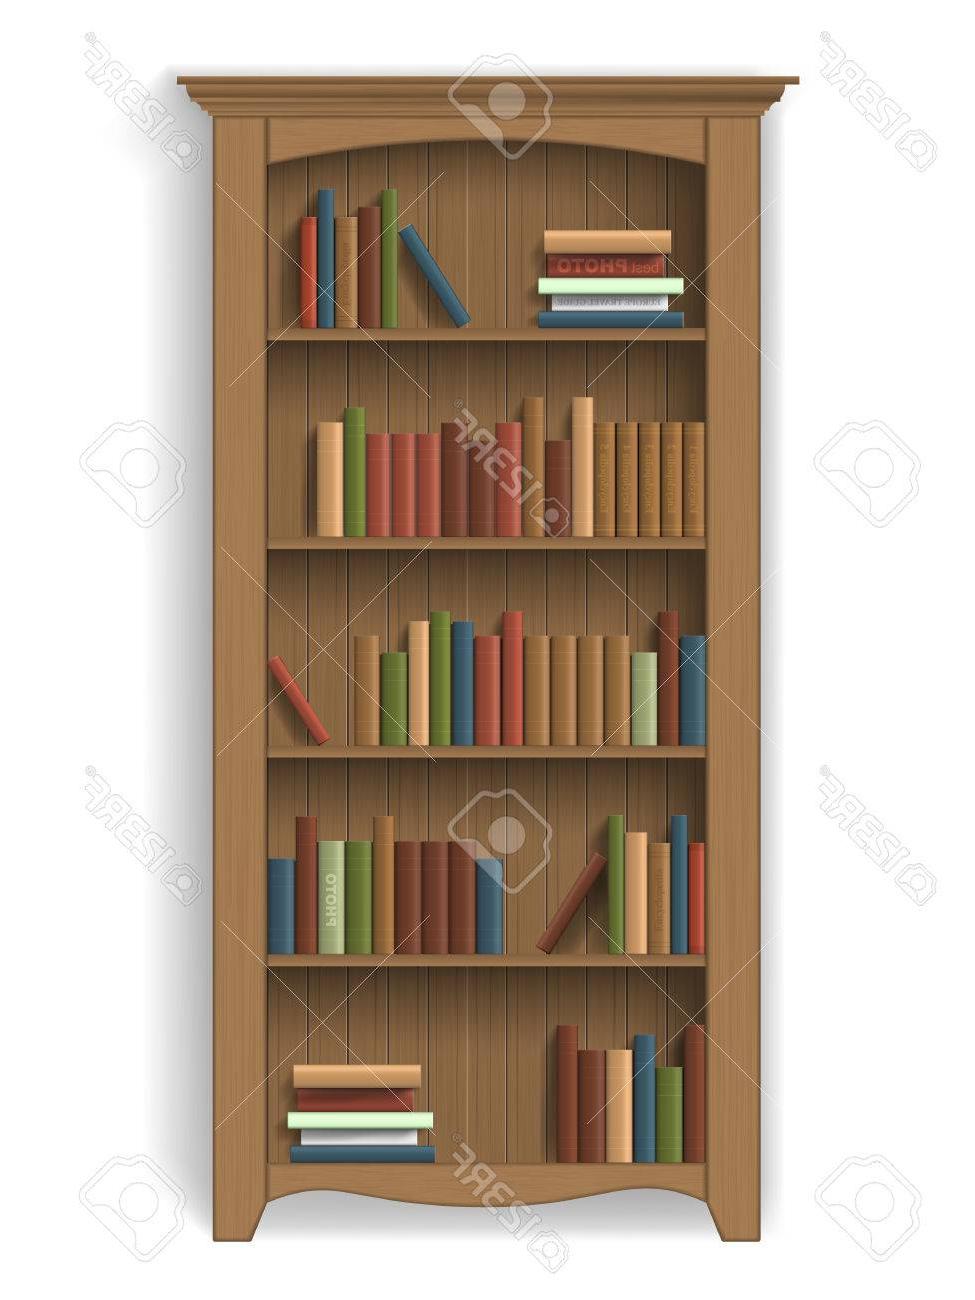 Muebles Para Libros Qwdq Estanterà A De Madera Con Libros En Las Estanterà as Muebles Para